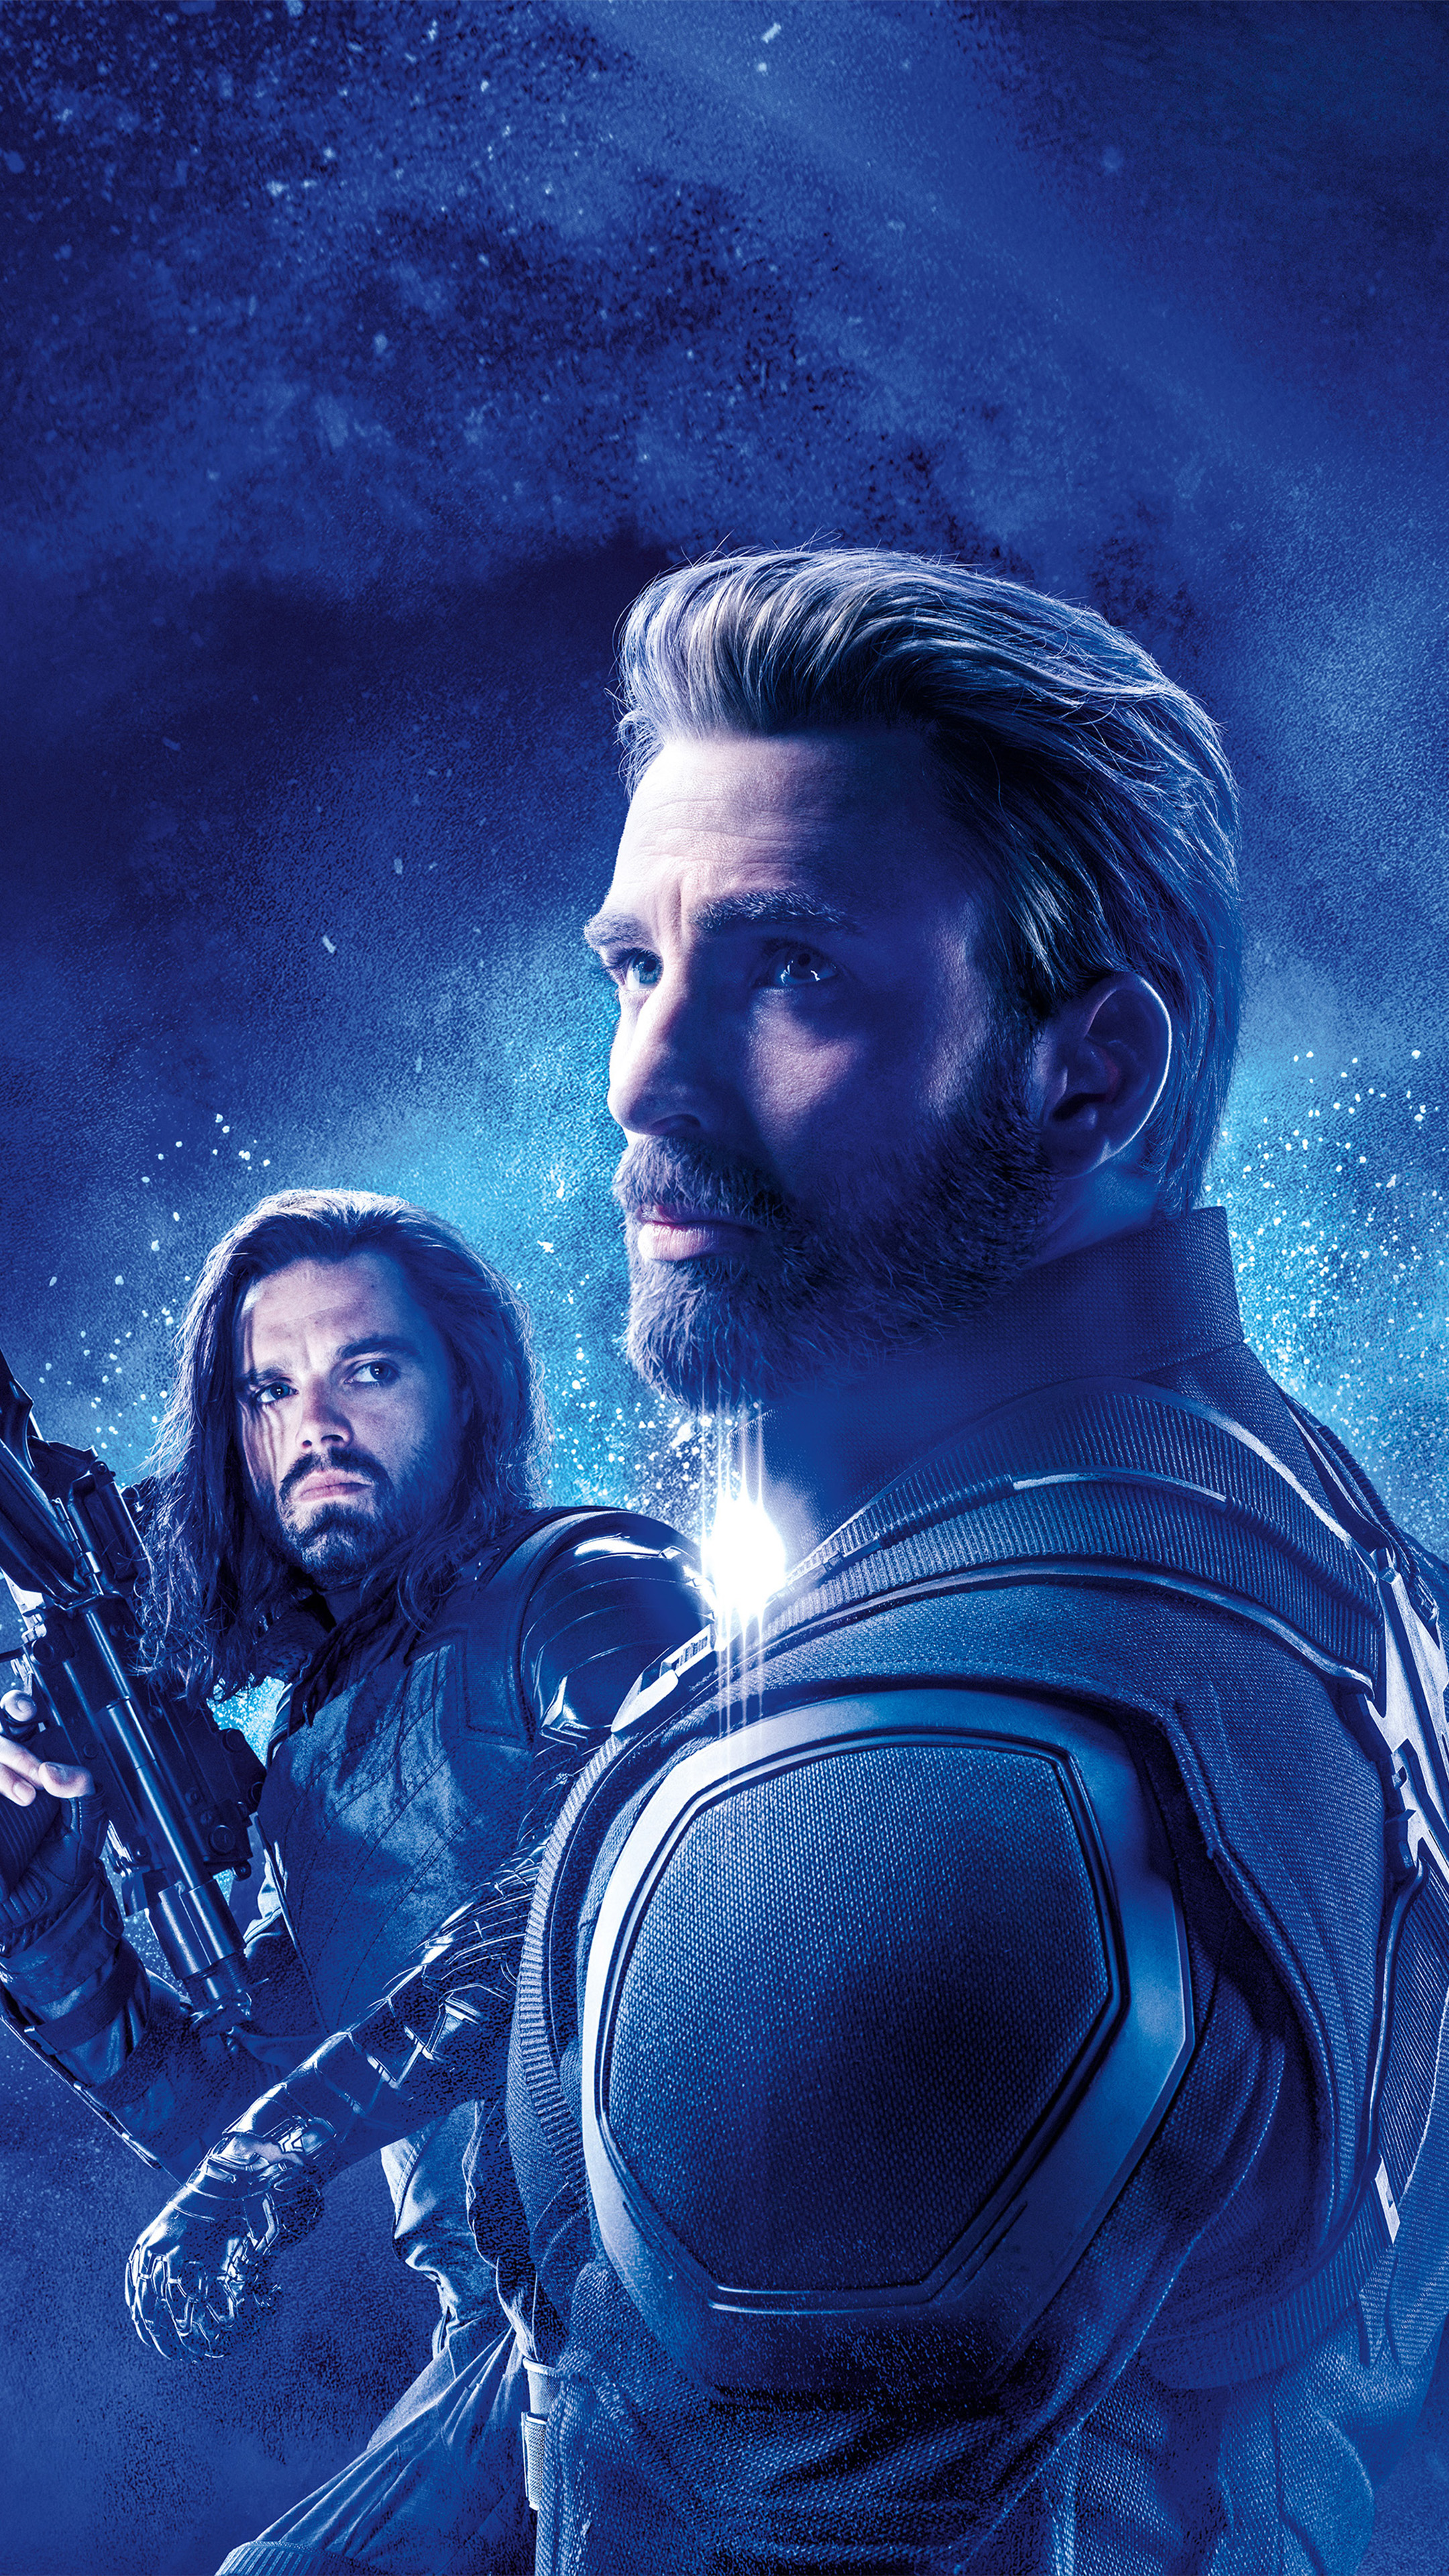 Captain America Bucky Barnes In Avengers Endgame Free 4k Ultra